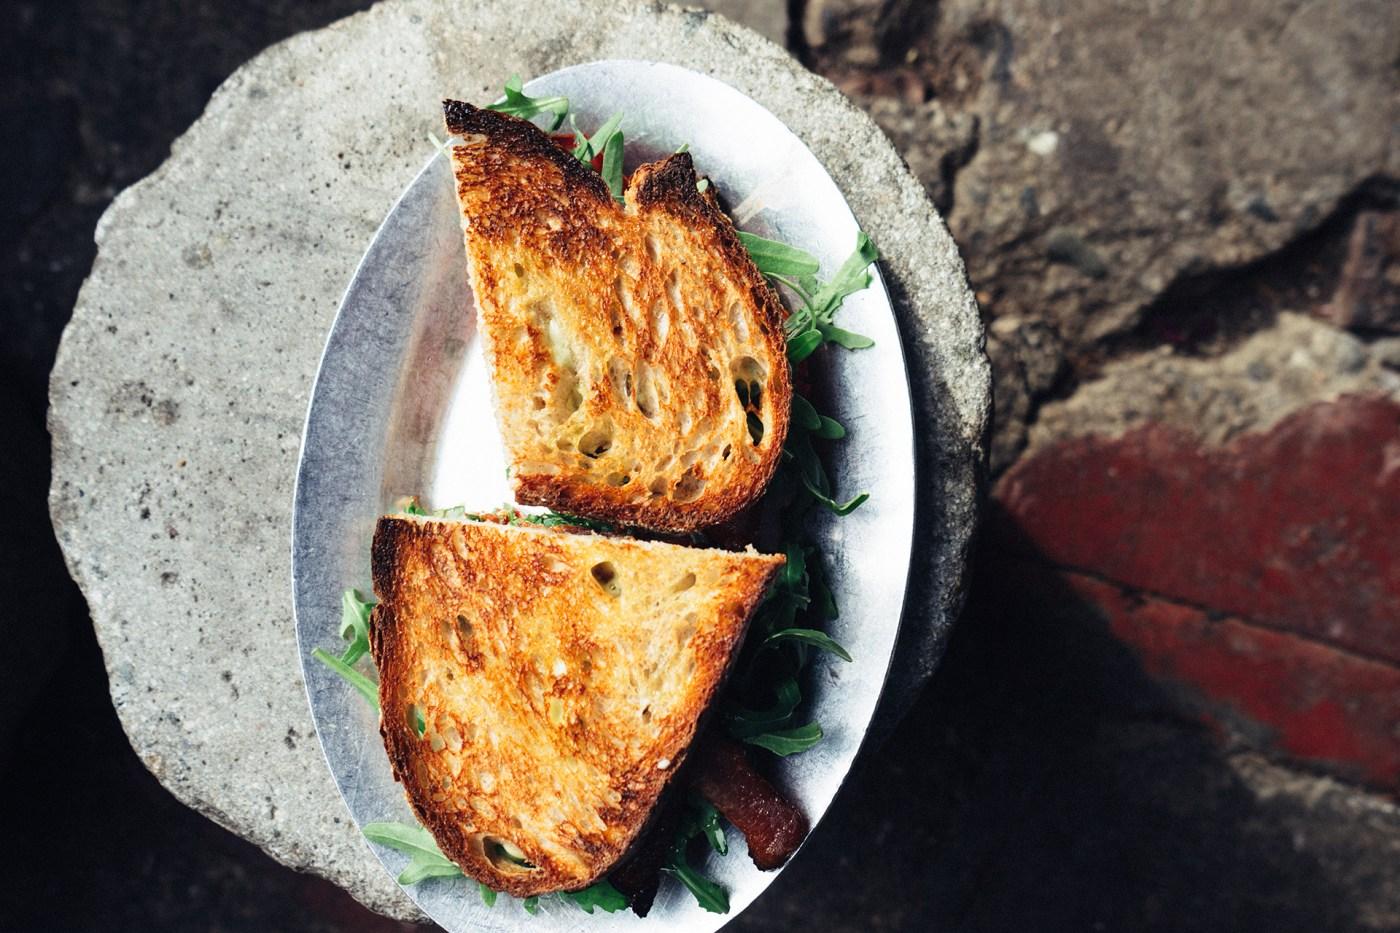 Les meilleurs burgers et sandwichs sur Abidjan, blog, blogger, food, foodie, classement, abidjan, côte d'ivoire, les meilleurs par serialfoodie, serialfoodie, critique culinaire, 2017